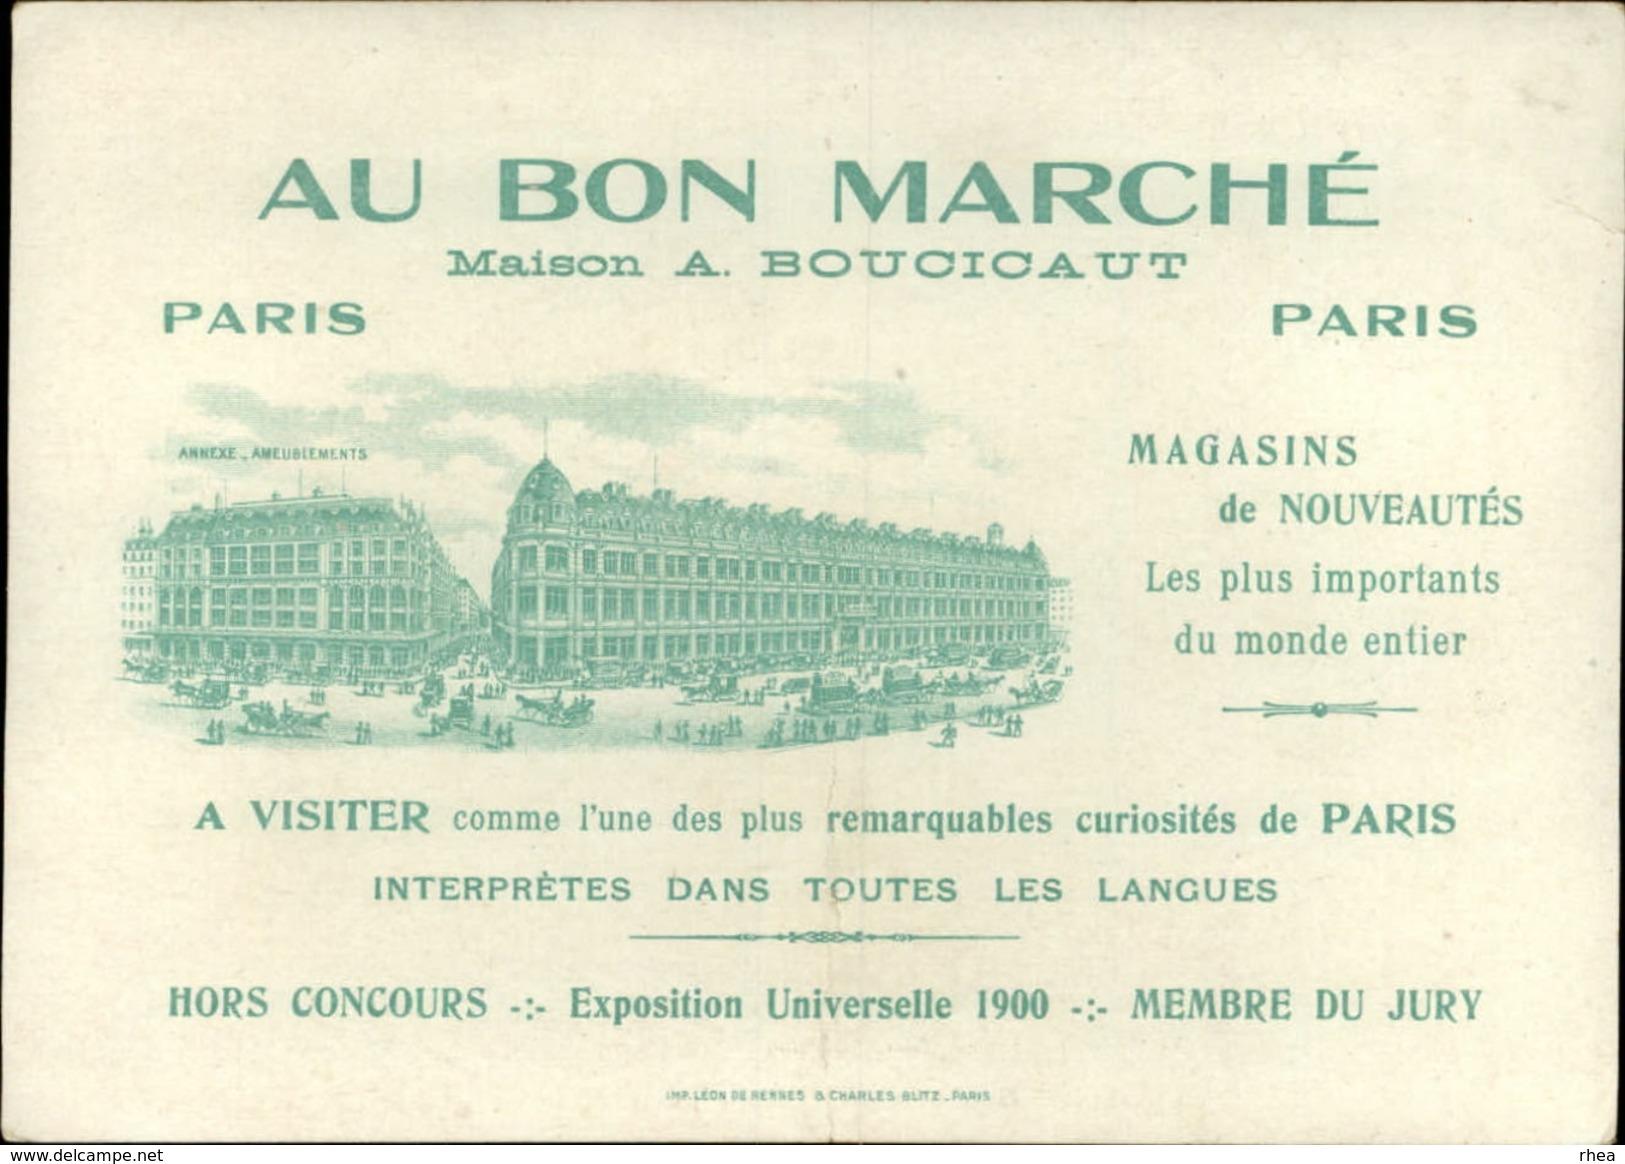 CHROMOS - Pub Pour AU BON MARCHE - PERE NOEL - Au Bon Marché